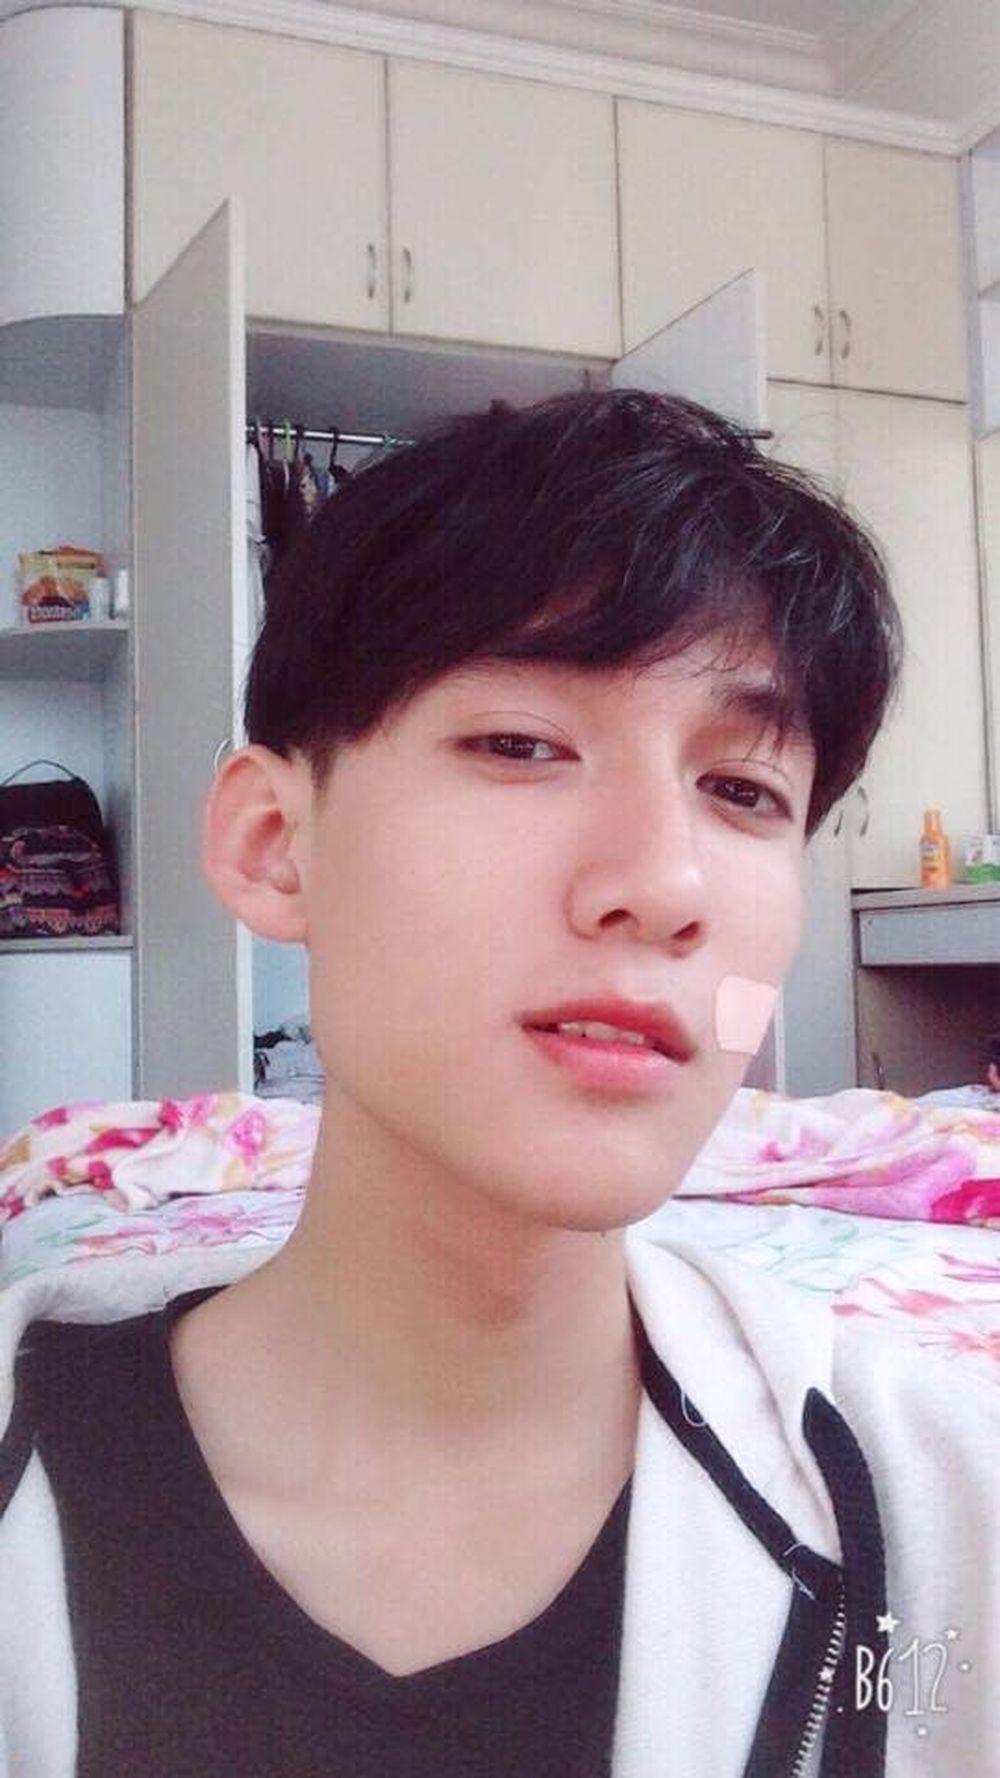 Cùng ngắm nhìn nam sinh trường chuyên Hạ Long đẹp trai như nam thần khiến dân mạng phải mê mẩn. Ảnh trong bài: Facebook Phạm Hoàng An.